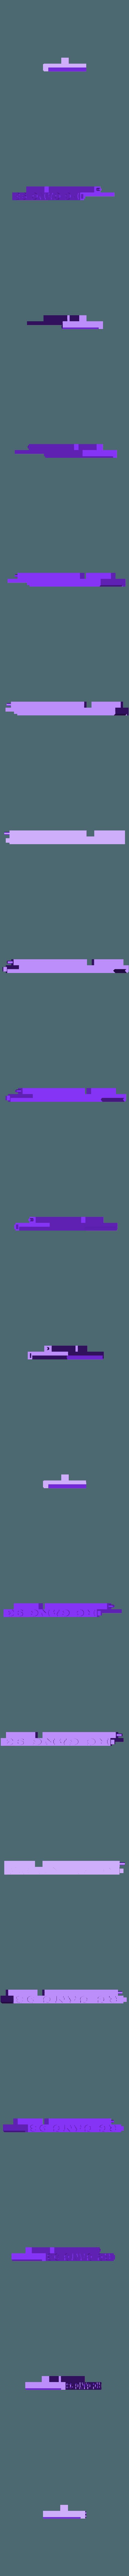 rampe 1.stl Télécharger fichier STL Pont 4 colonnes pour garage 1/10 • Design pour impression 3D, RCGANG93